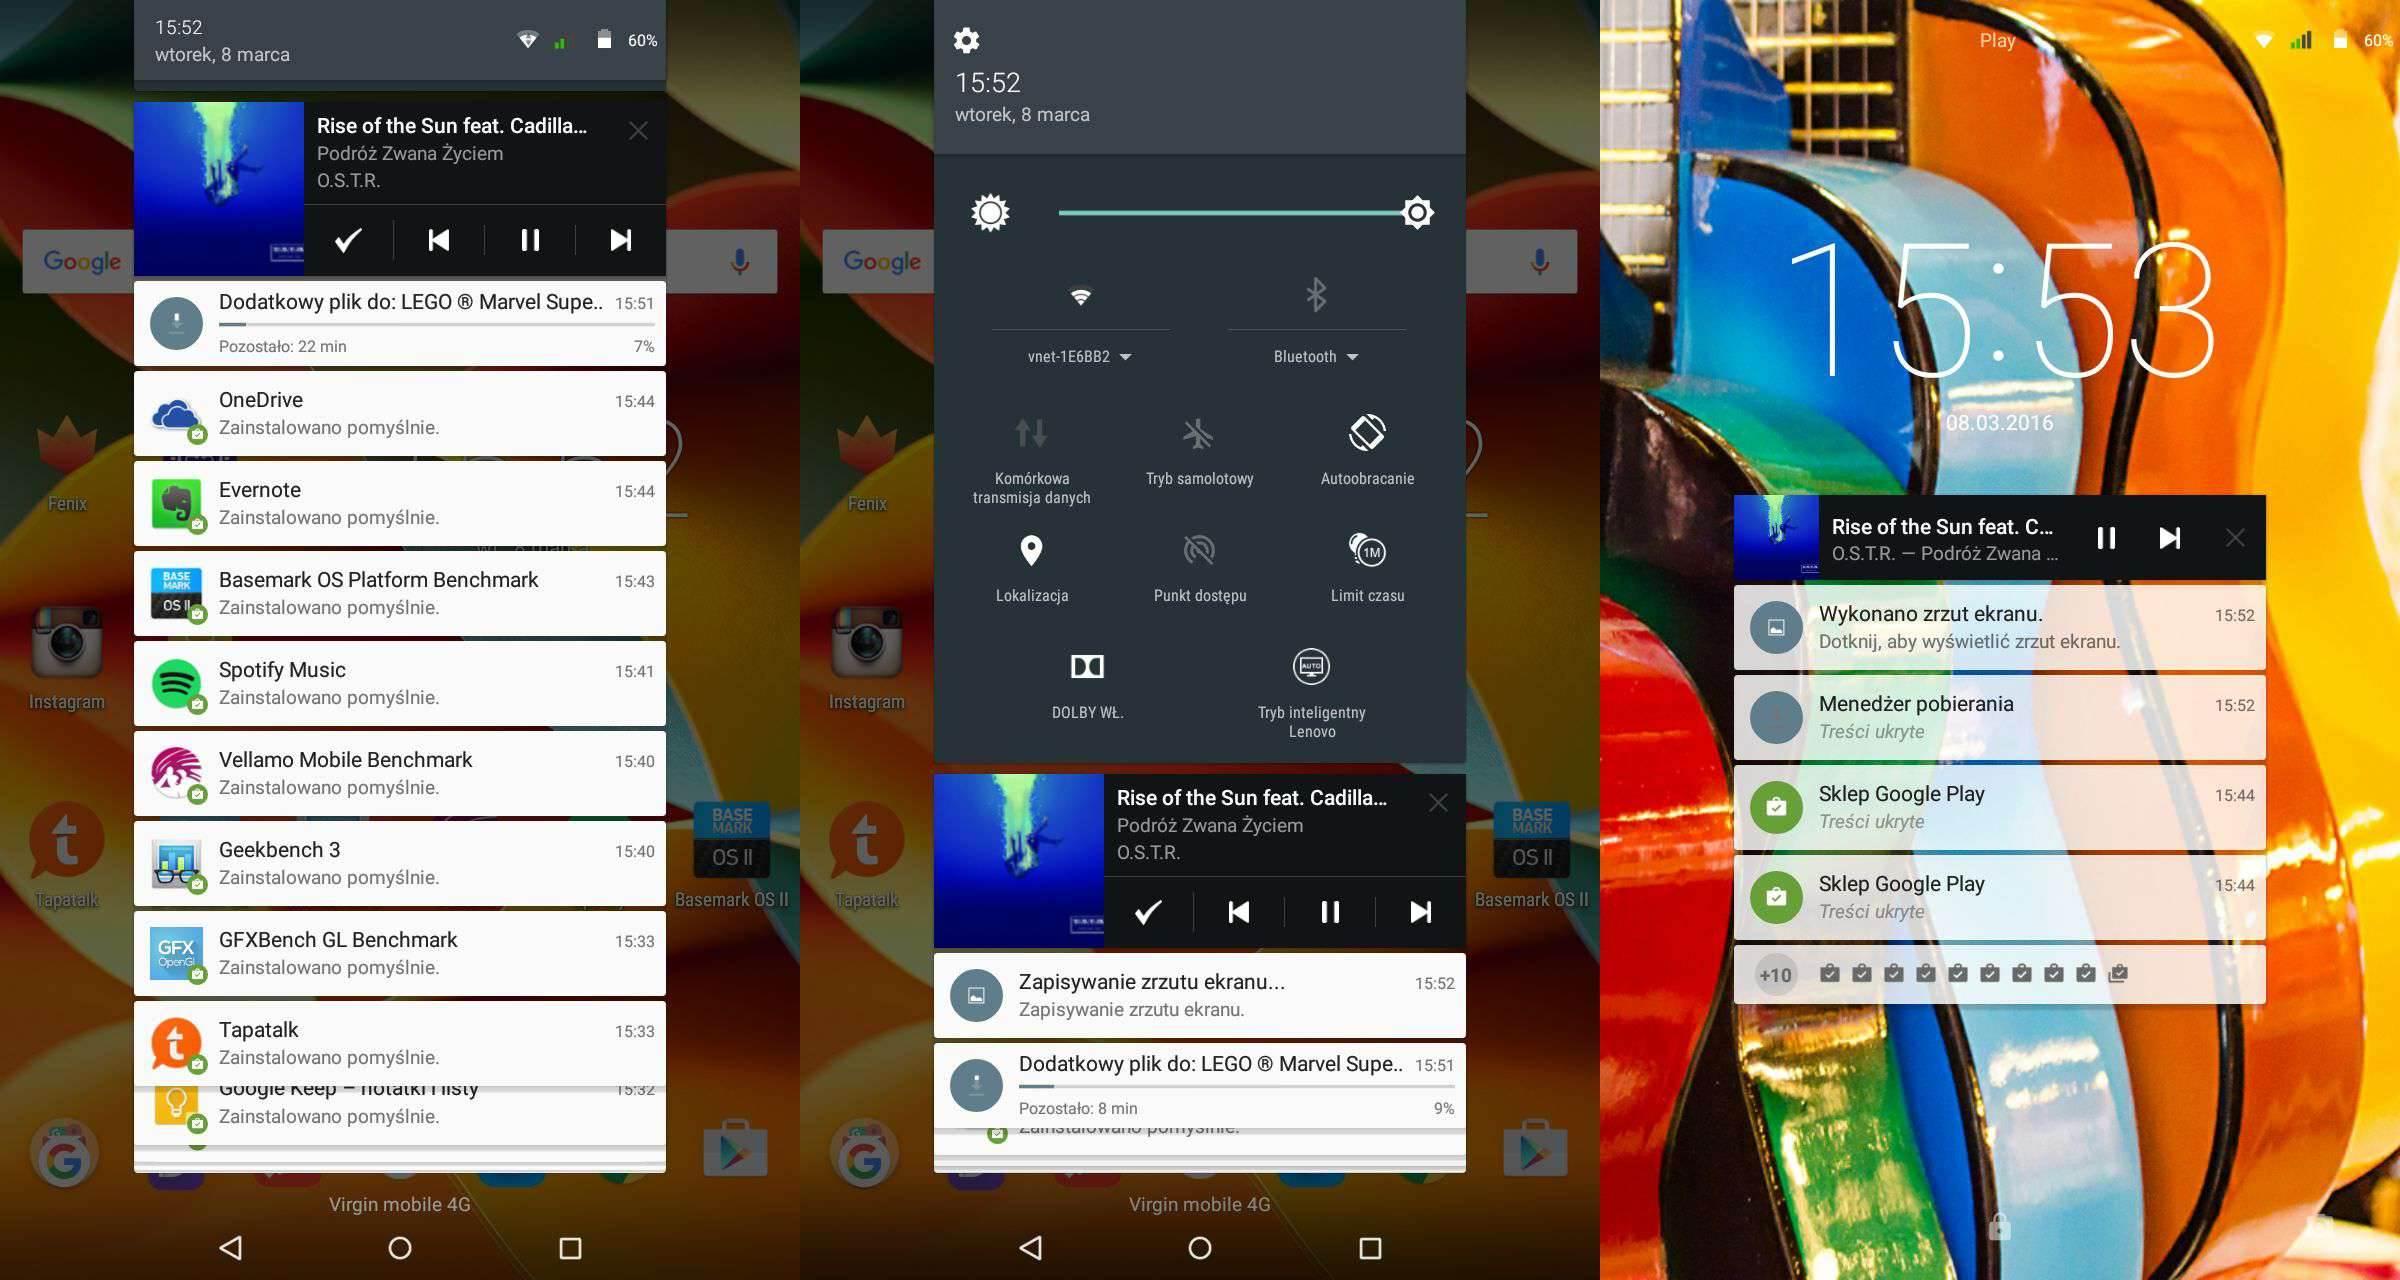 Lenovo Yoga Tab 3 LTE - recenzja urządzenia recenzje, polecane zalety, yoga tab 3, wady, Tablet, polska recenzja Lenovo Yoga Tab 3 LTE, polska recenzja, Lenovo Yoga Tab 3 LTE, lenovo, jak działa Lenovo Yoga Tab 3 LTE, czy warto kupić Lenovo Yoga Tab 3 LTE, cena Lenovo Yoga Tab 3 LTE  Nie ma się co oszukiwać, większość obecnie dostępnych tabletów wygląda niemal tak samo i różnią je od siebie drobne szczegóły wprowadzane do wzornictwa z generacji na generację, ale jednym z odmiennych modeli jest bez wątpienia seria tabletów Yoga, wprowadzona na rynek mobilny przez Lenovo. Czy przednie głośniki stereo i fabrycznie zamontowany stojak wystarczy, aby przykuć uwagę potencjalnego nabywcy? 1 3